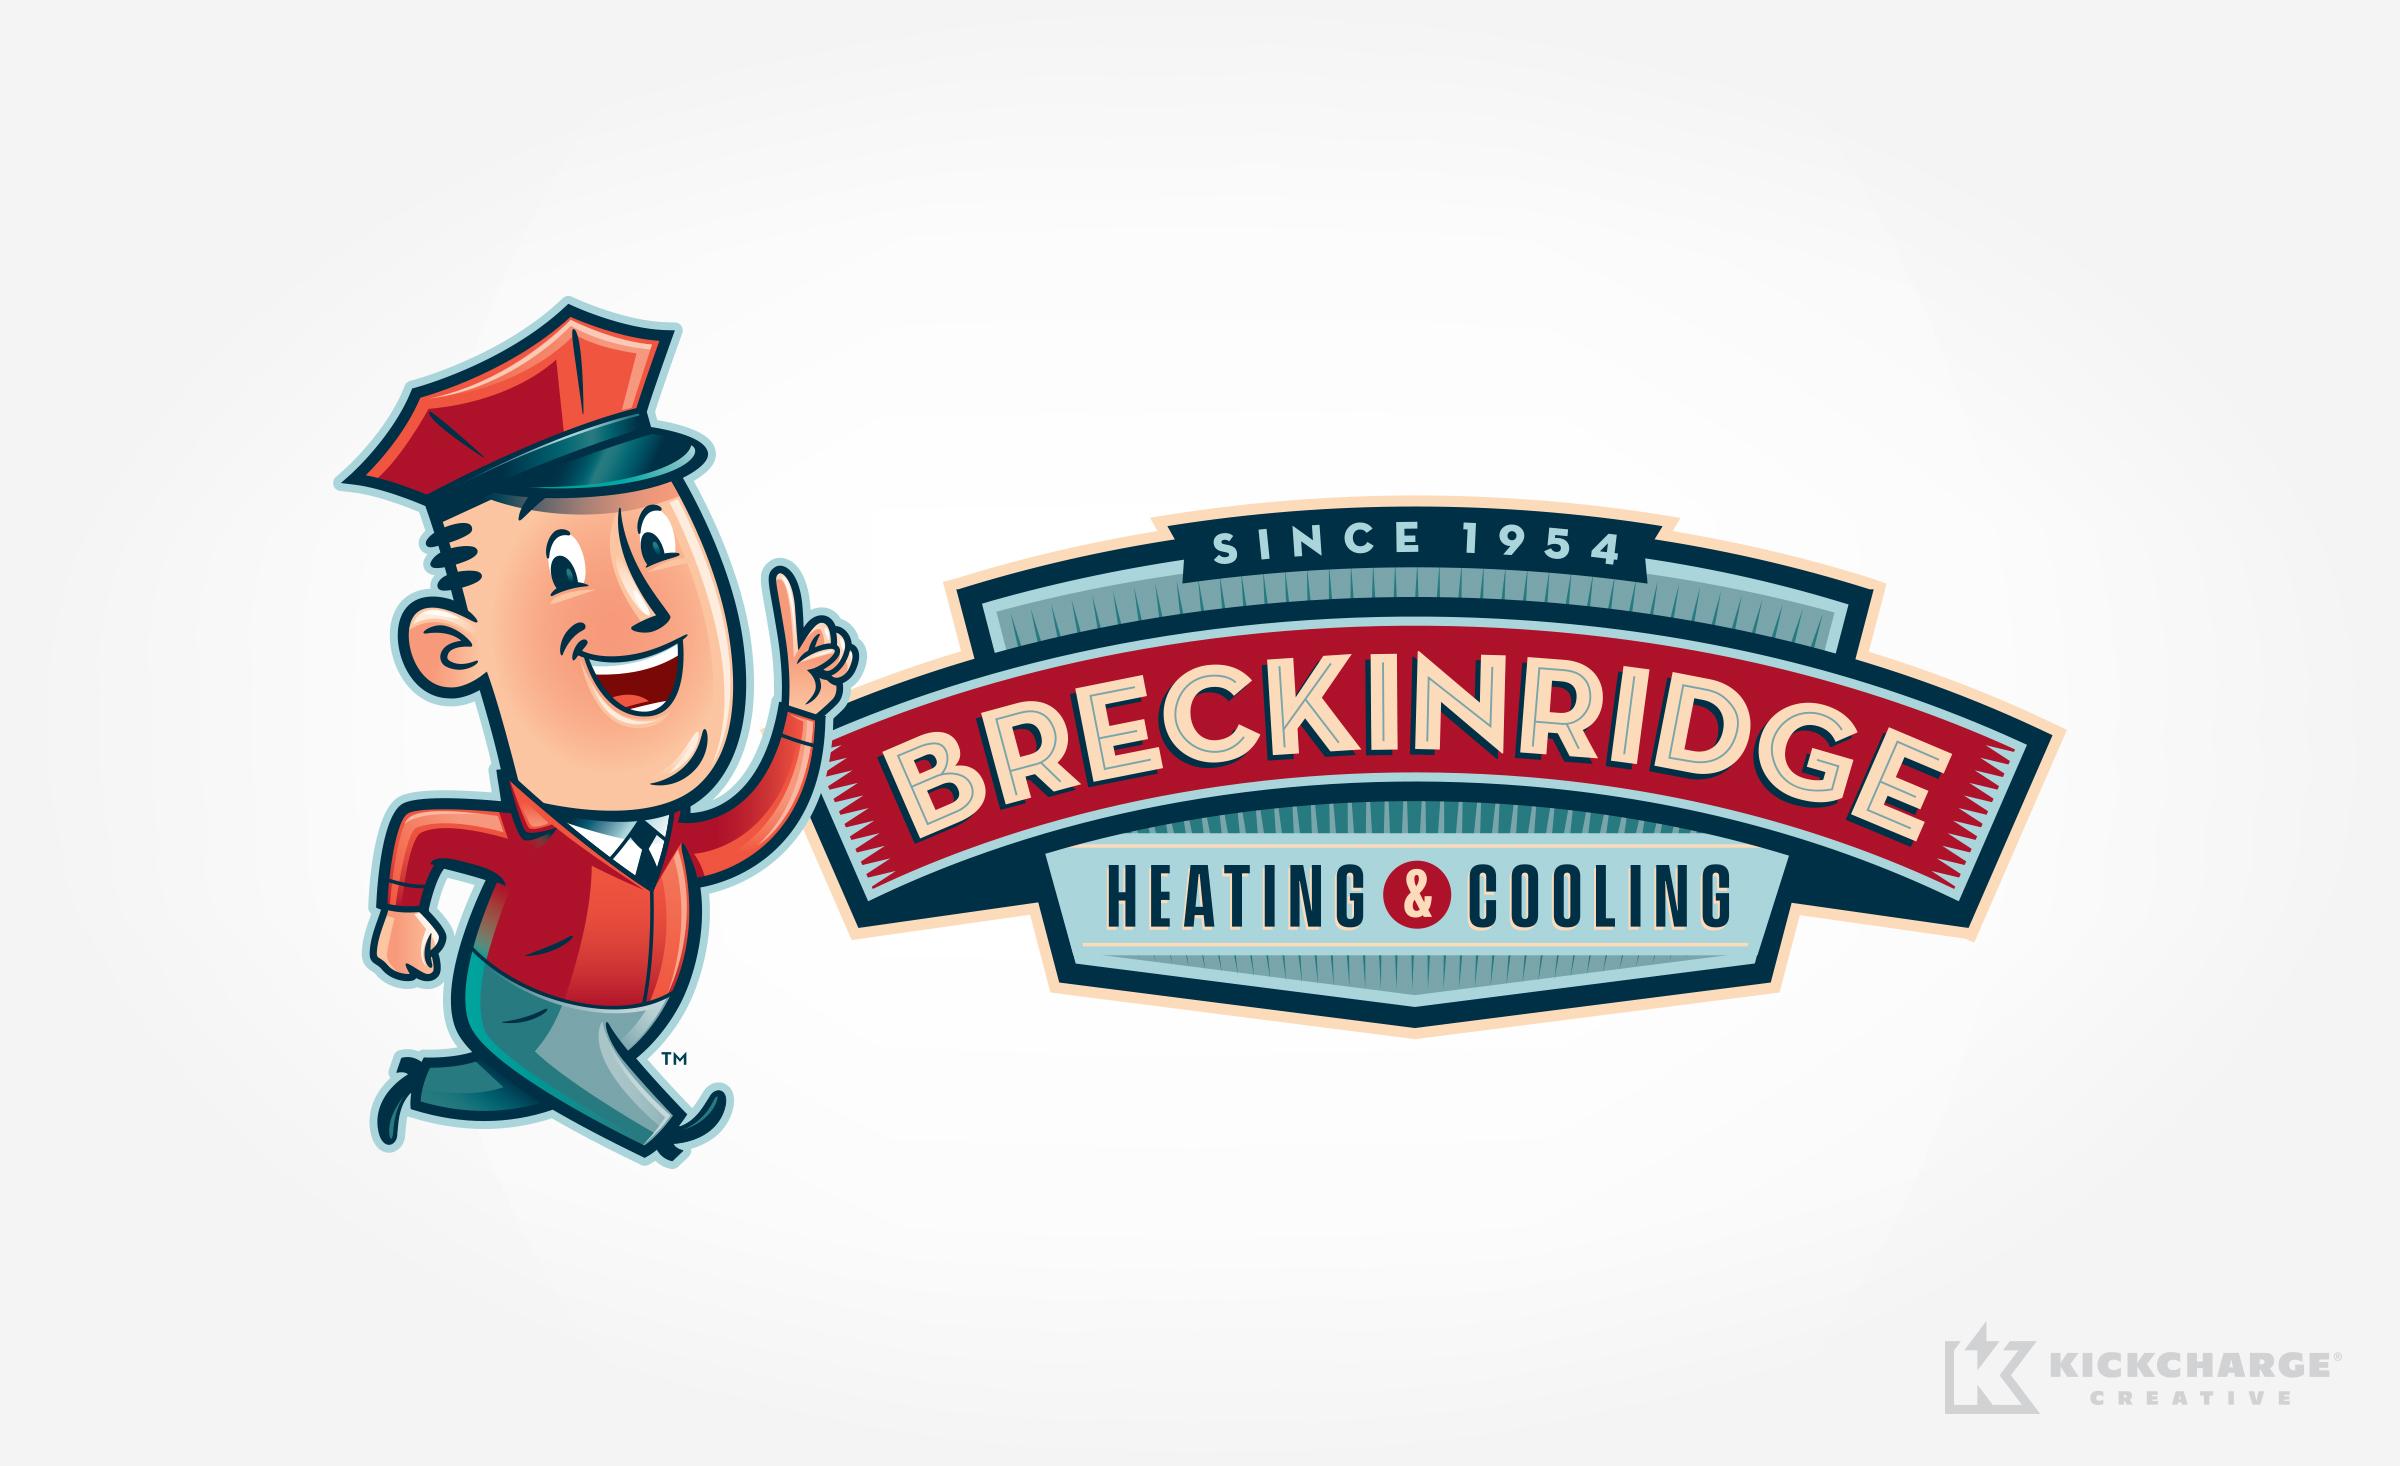 hvac logo design for Breckinridge Heating & Cooling